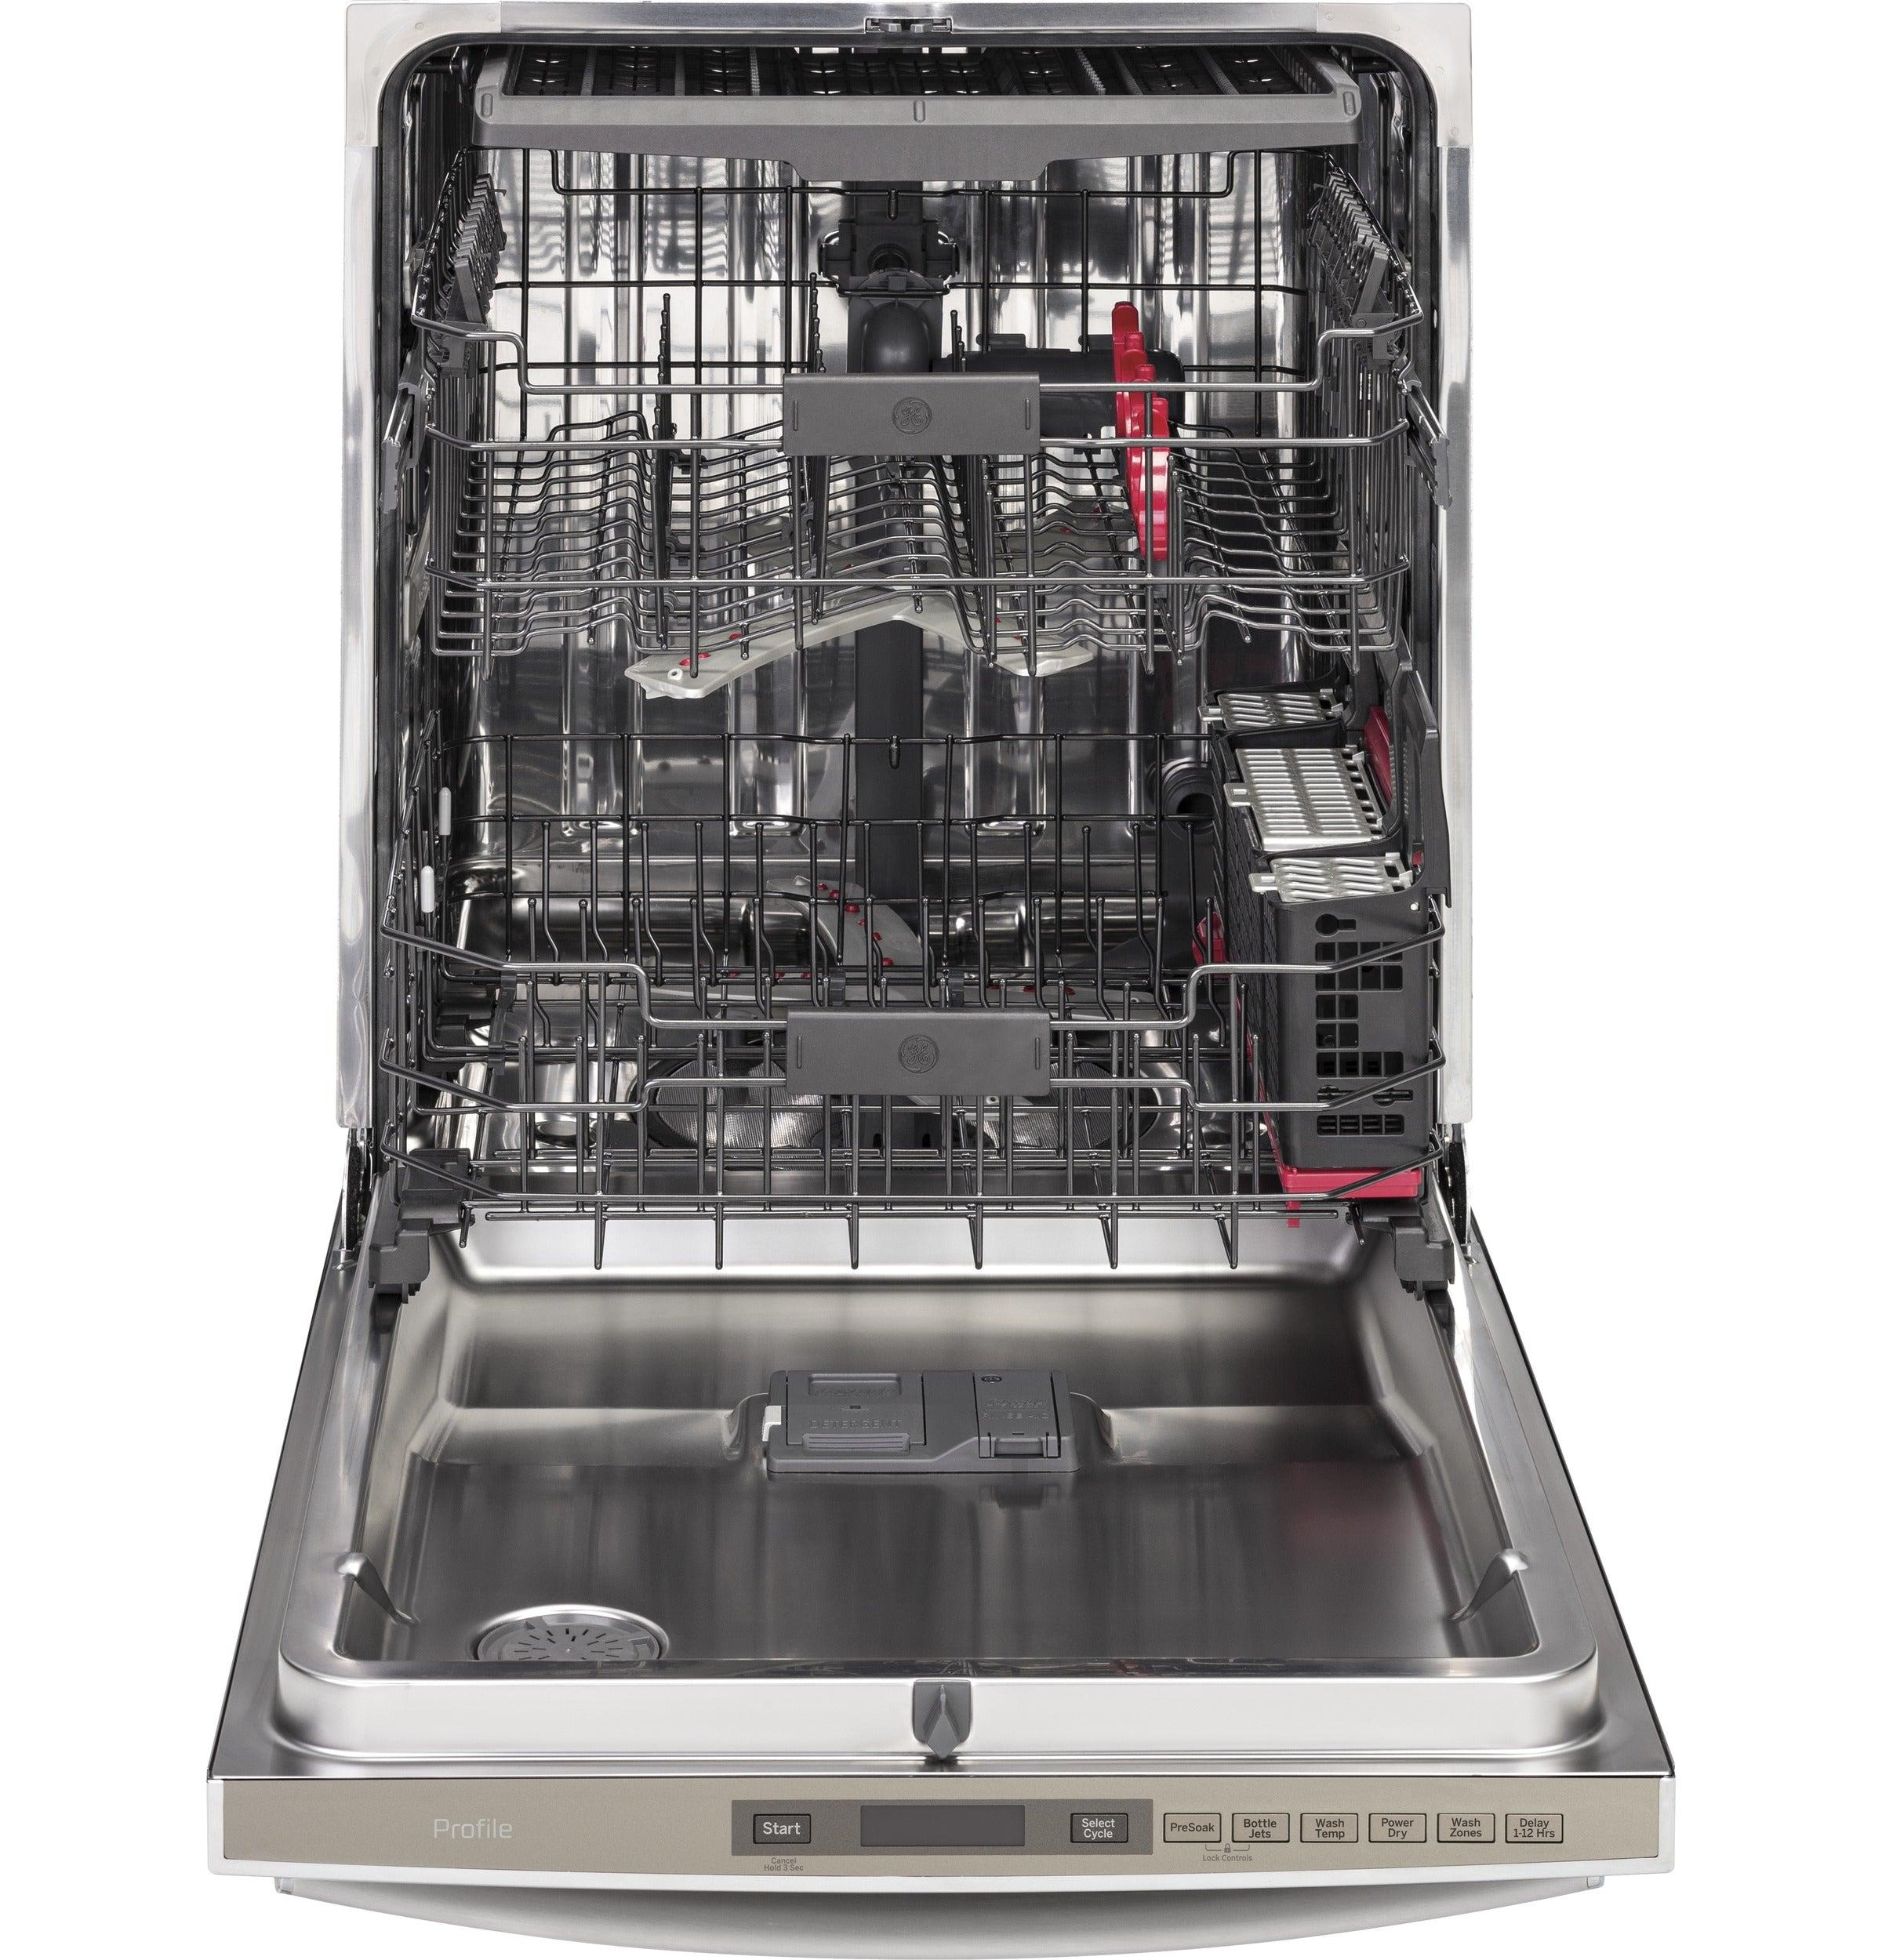 lave vaisselle ge profile instructions